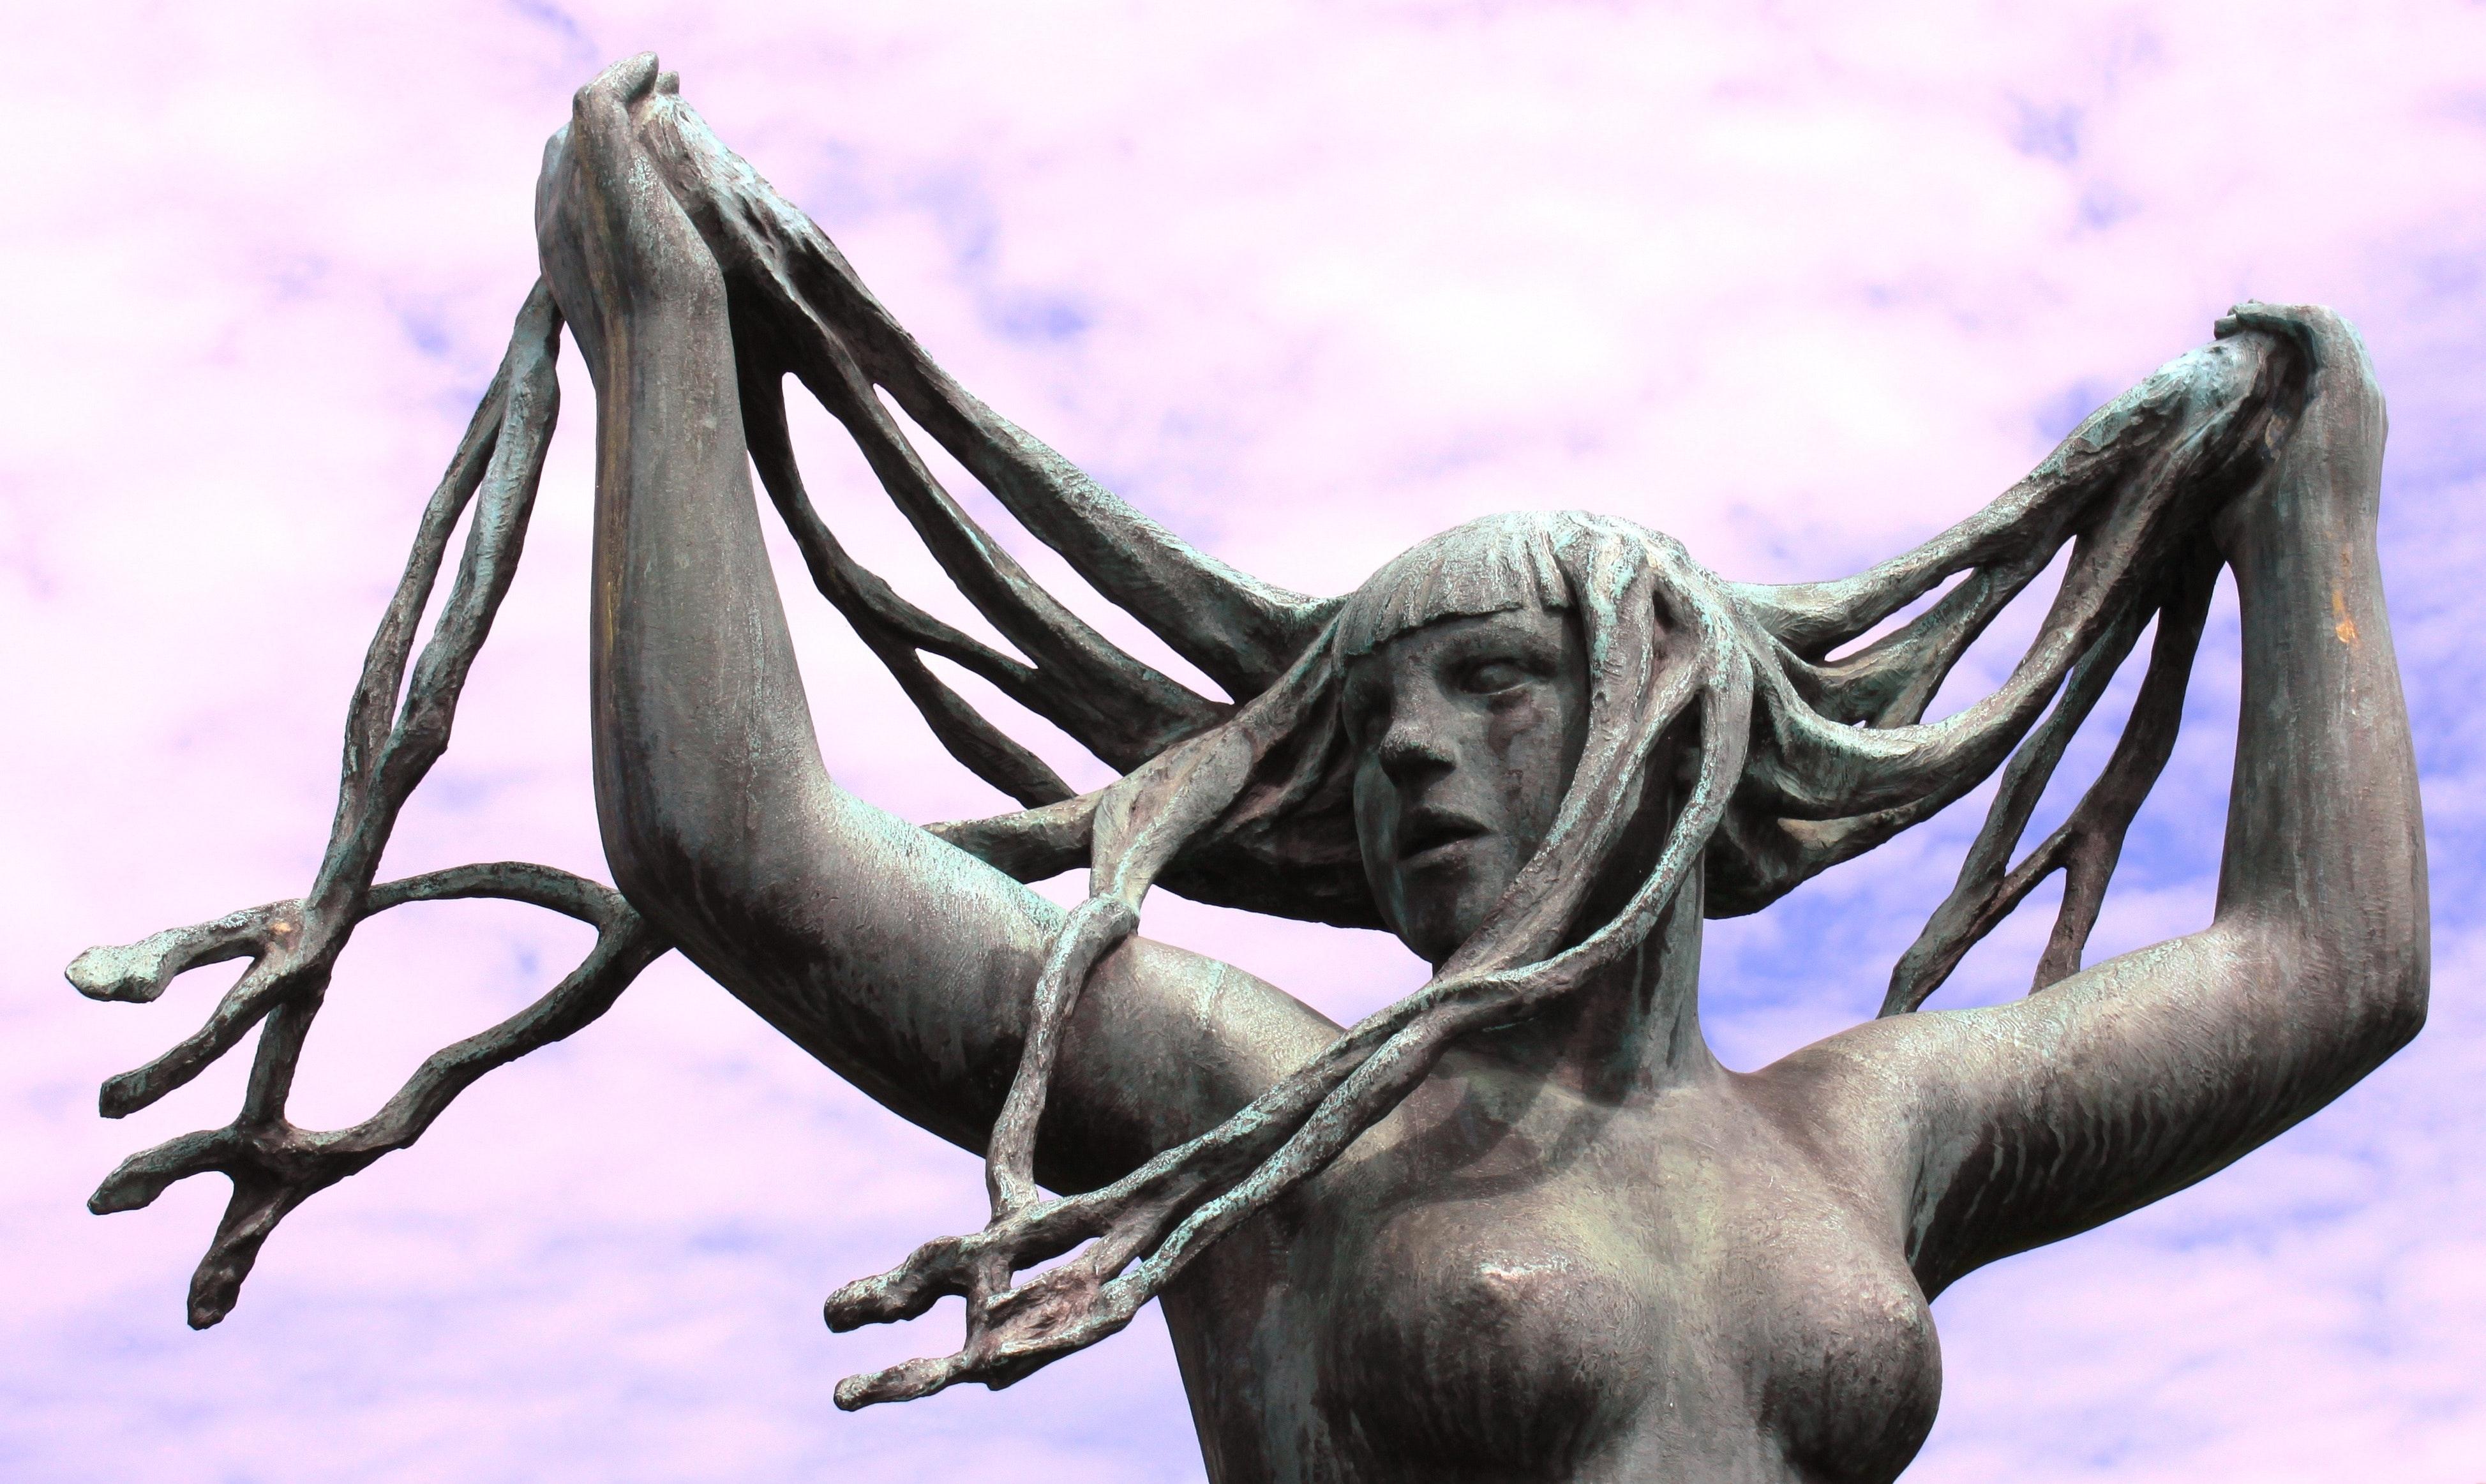 White Women Rock Statue, Arms, Lady, Unique, Symbol, HQ Photo